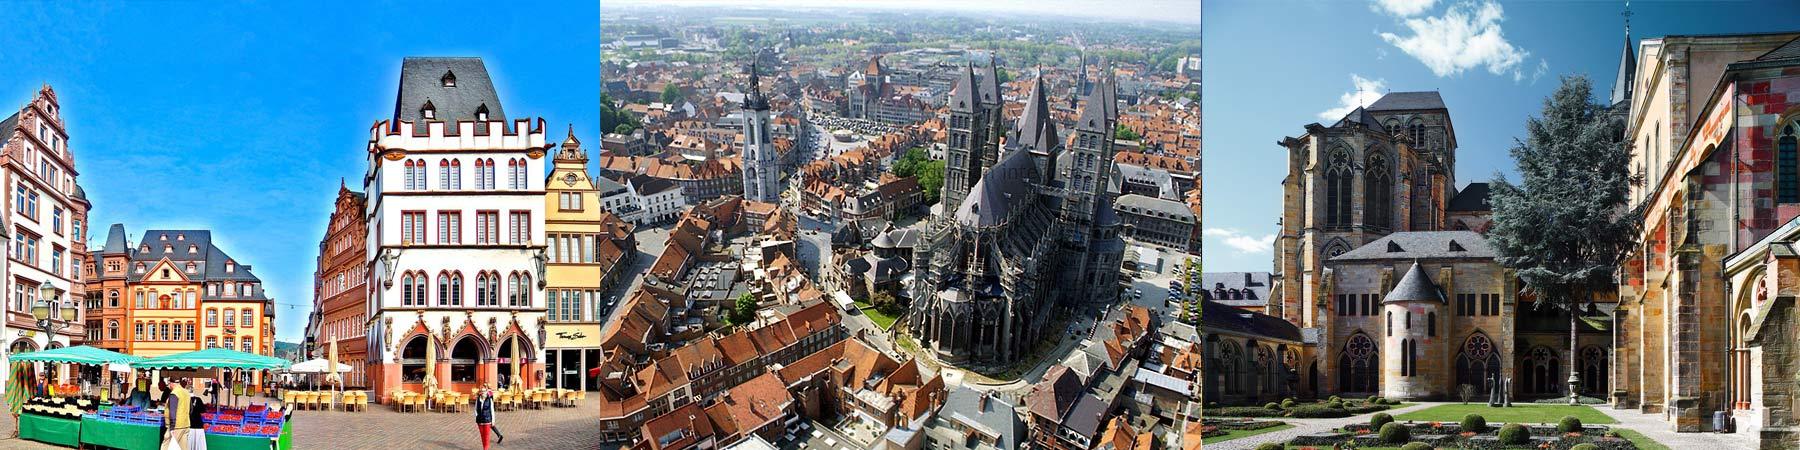 Экскурсии в Дюсседьдорфе 5